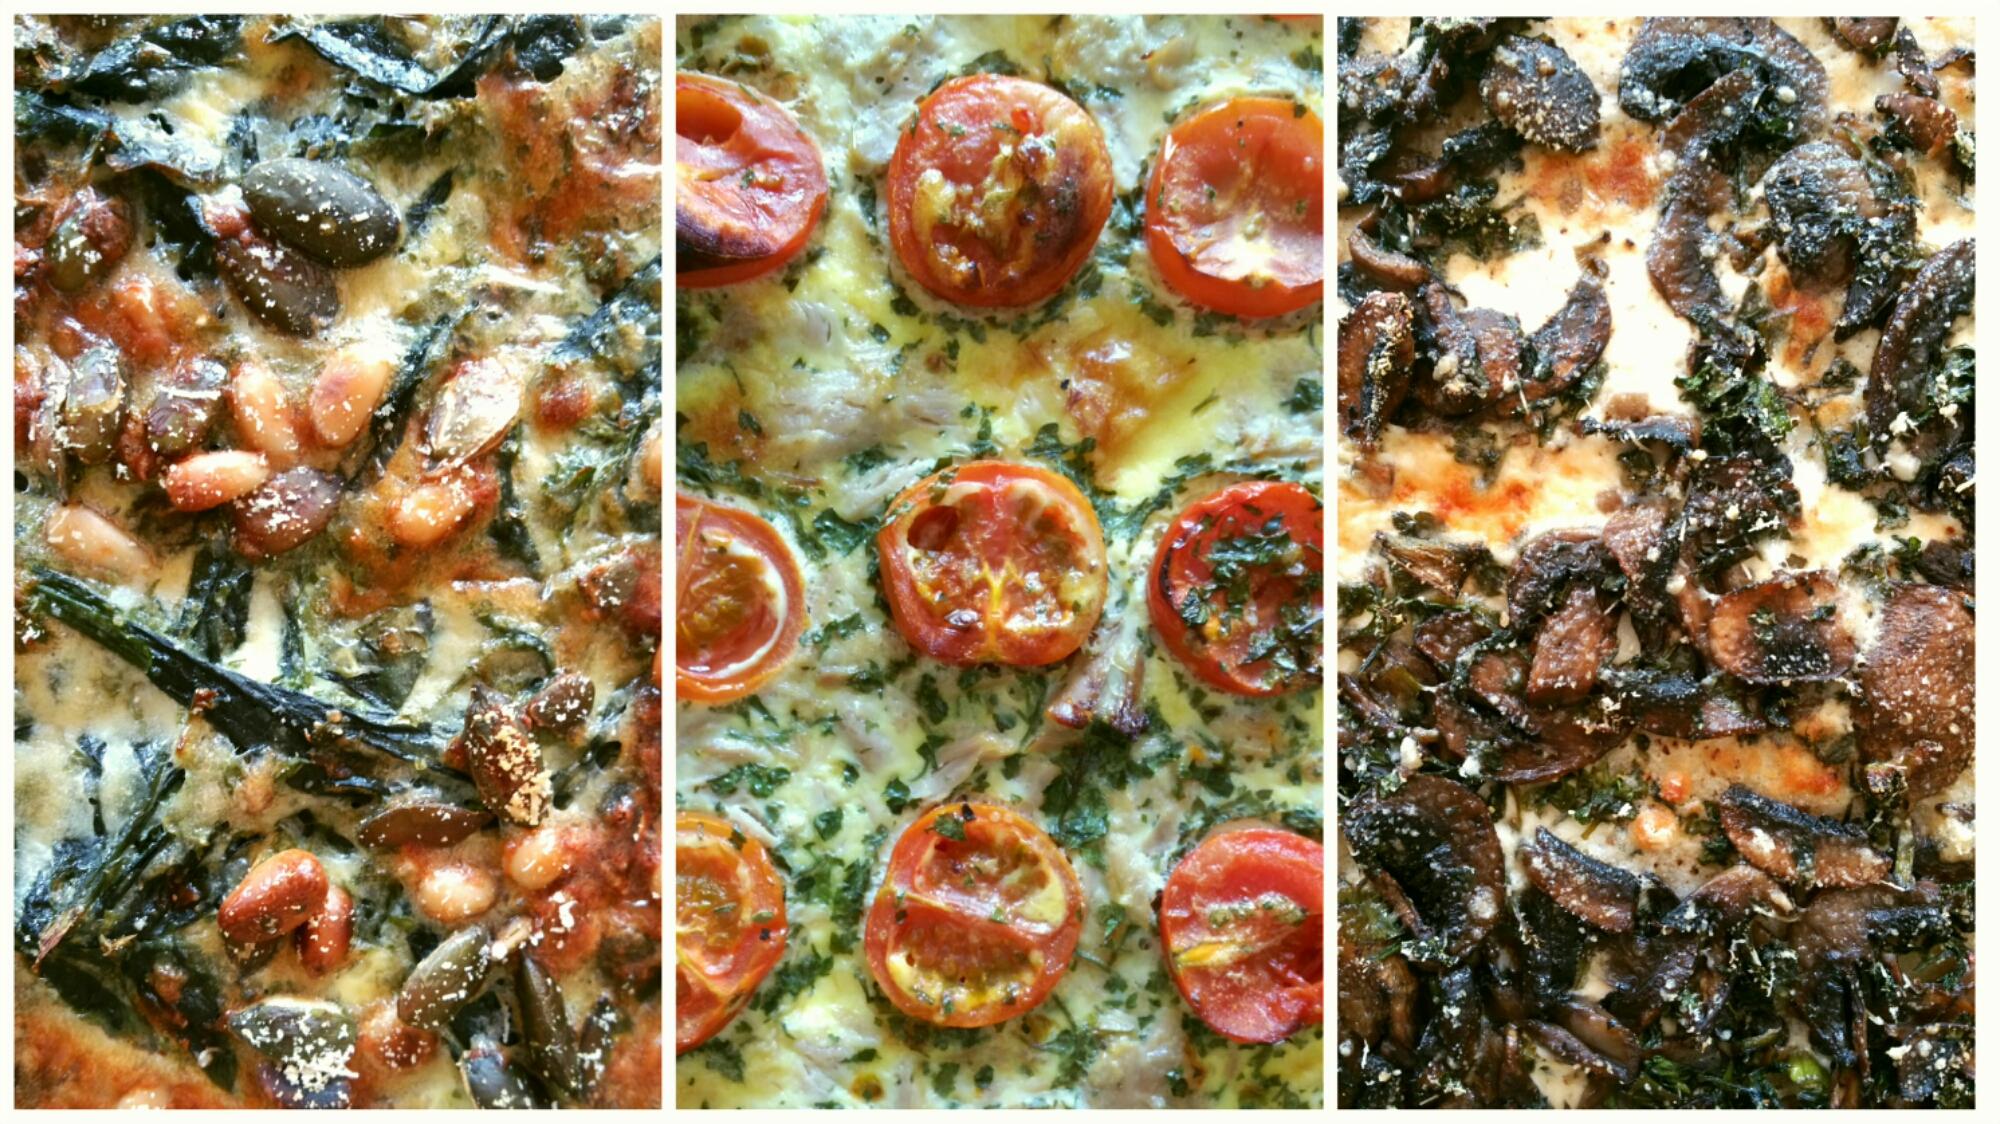 tartes salées végétariennes : 3 idées pour pique-nique, barbecue ou